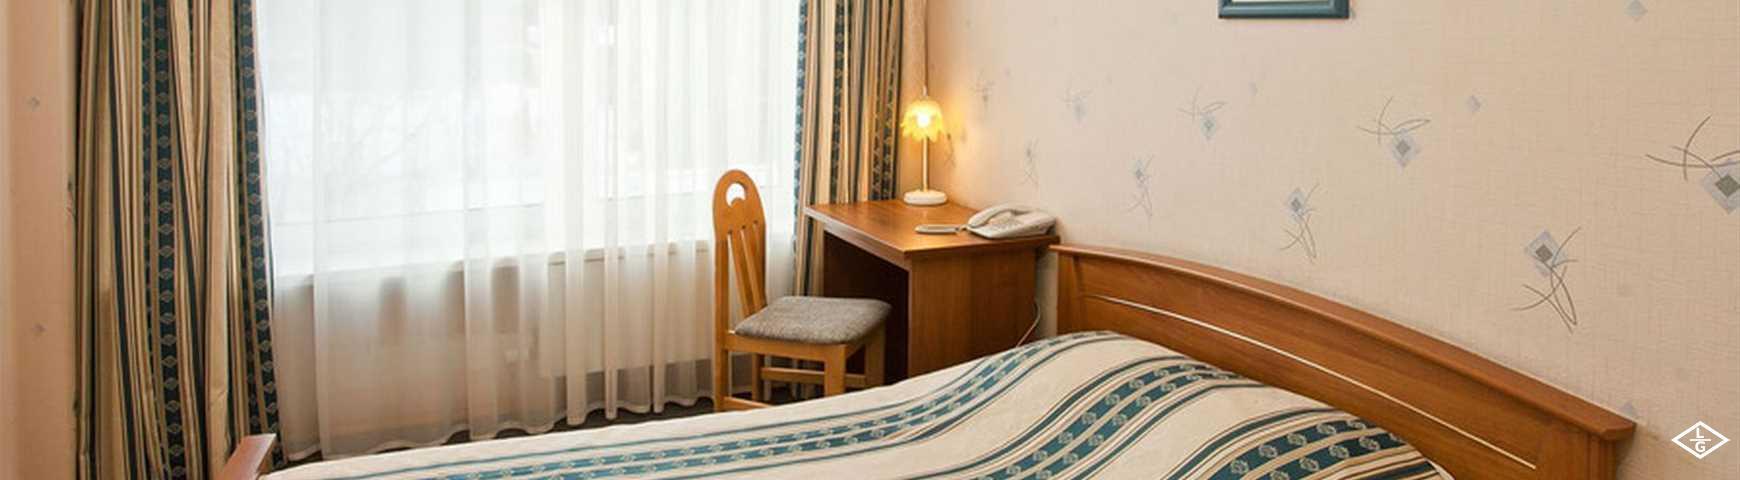 Протекс отель Екатеринбург